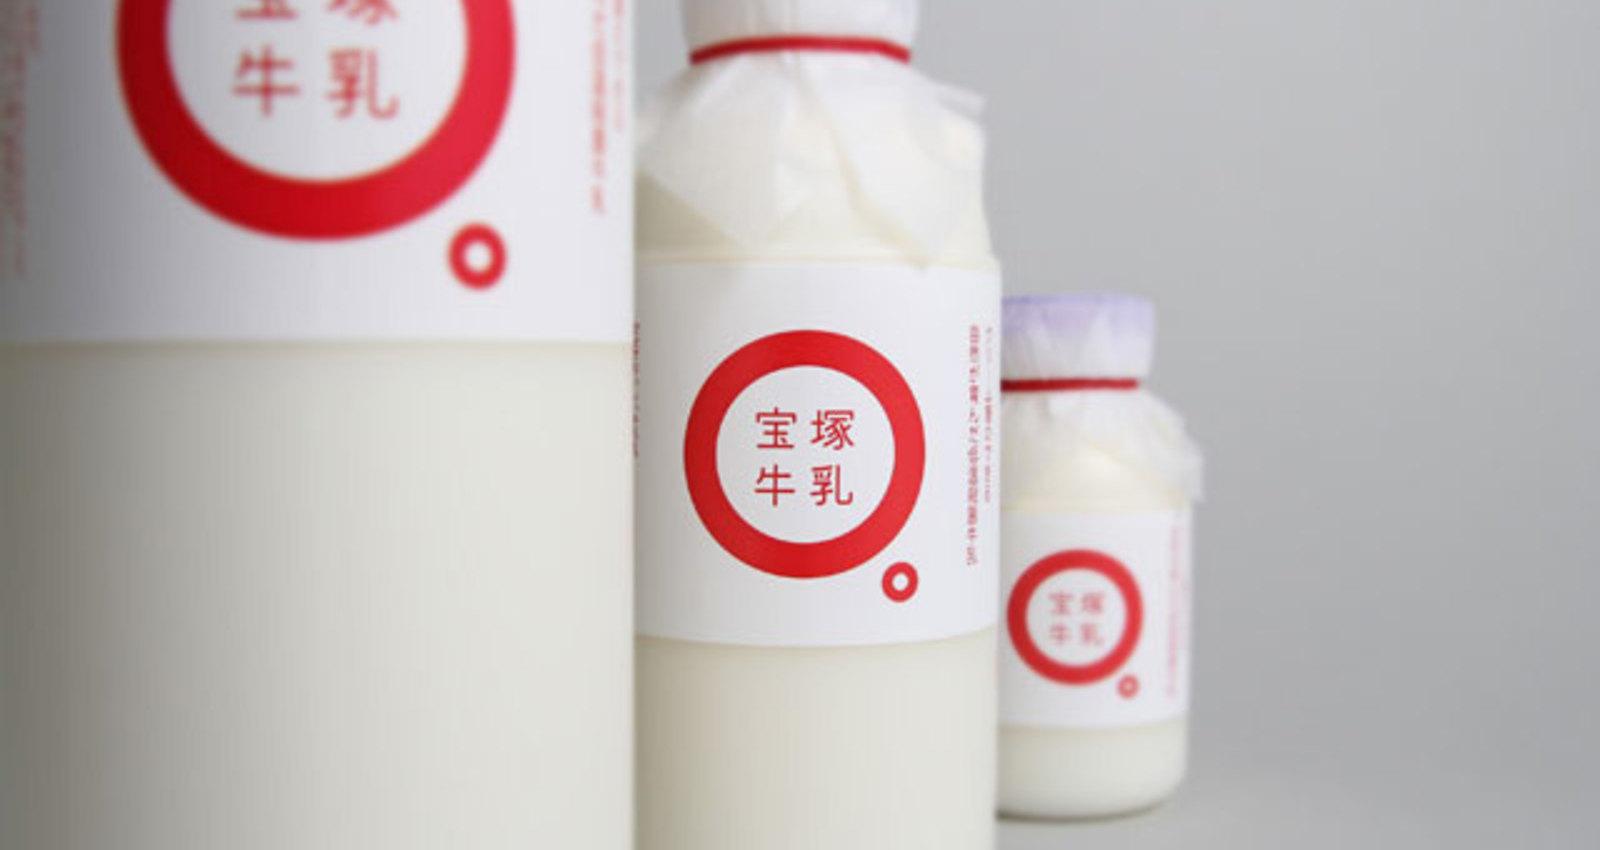 Takarazuka Milk